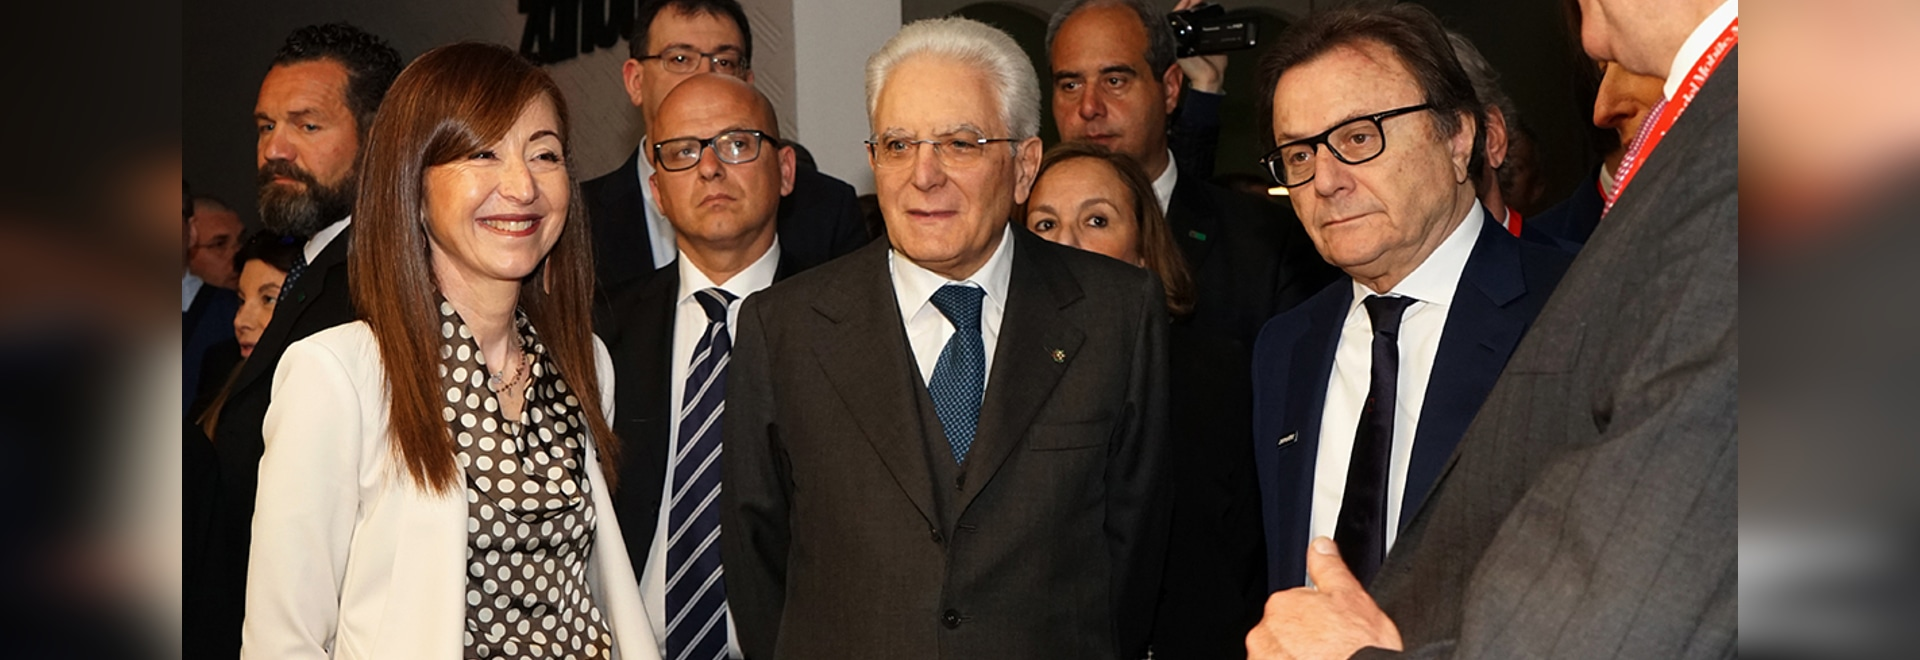 The President of the Italian Republic Sergio Mattarella visits Zanotta's stand